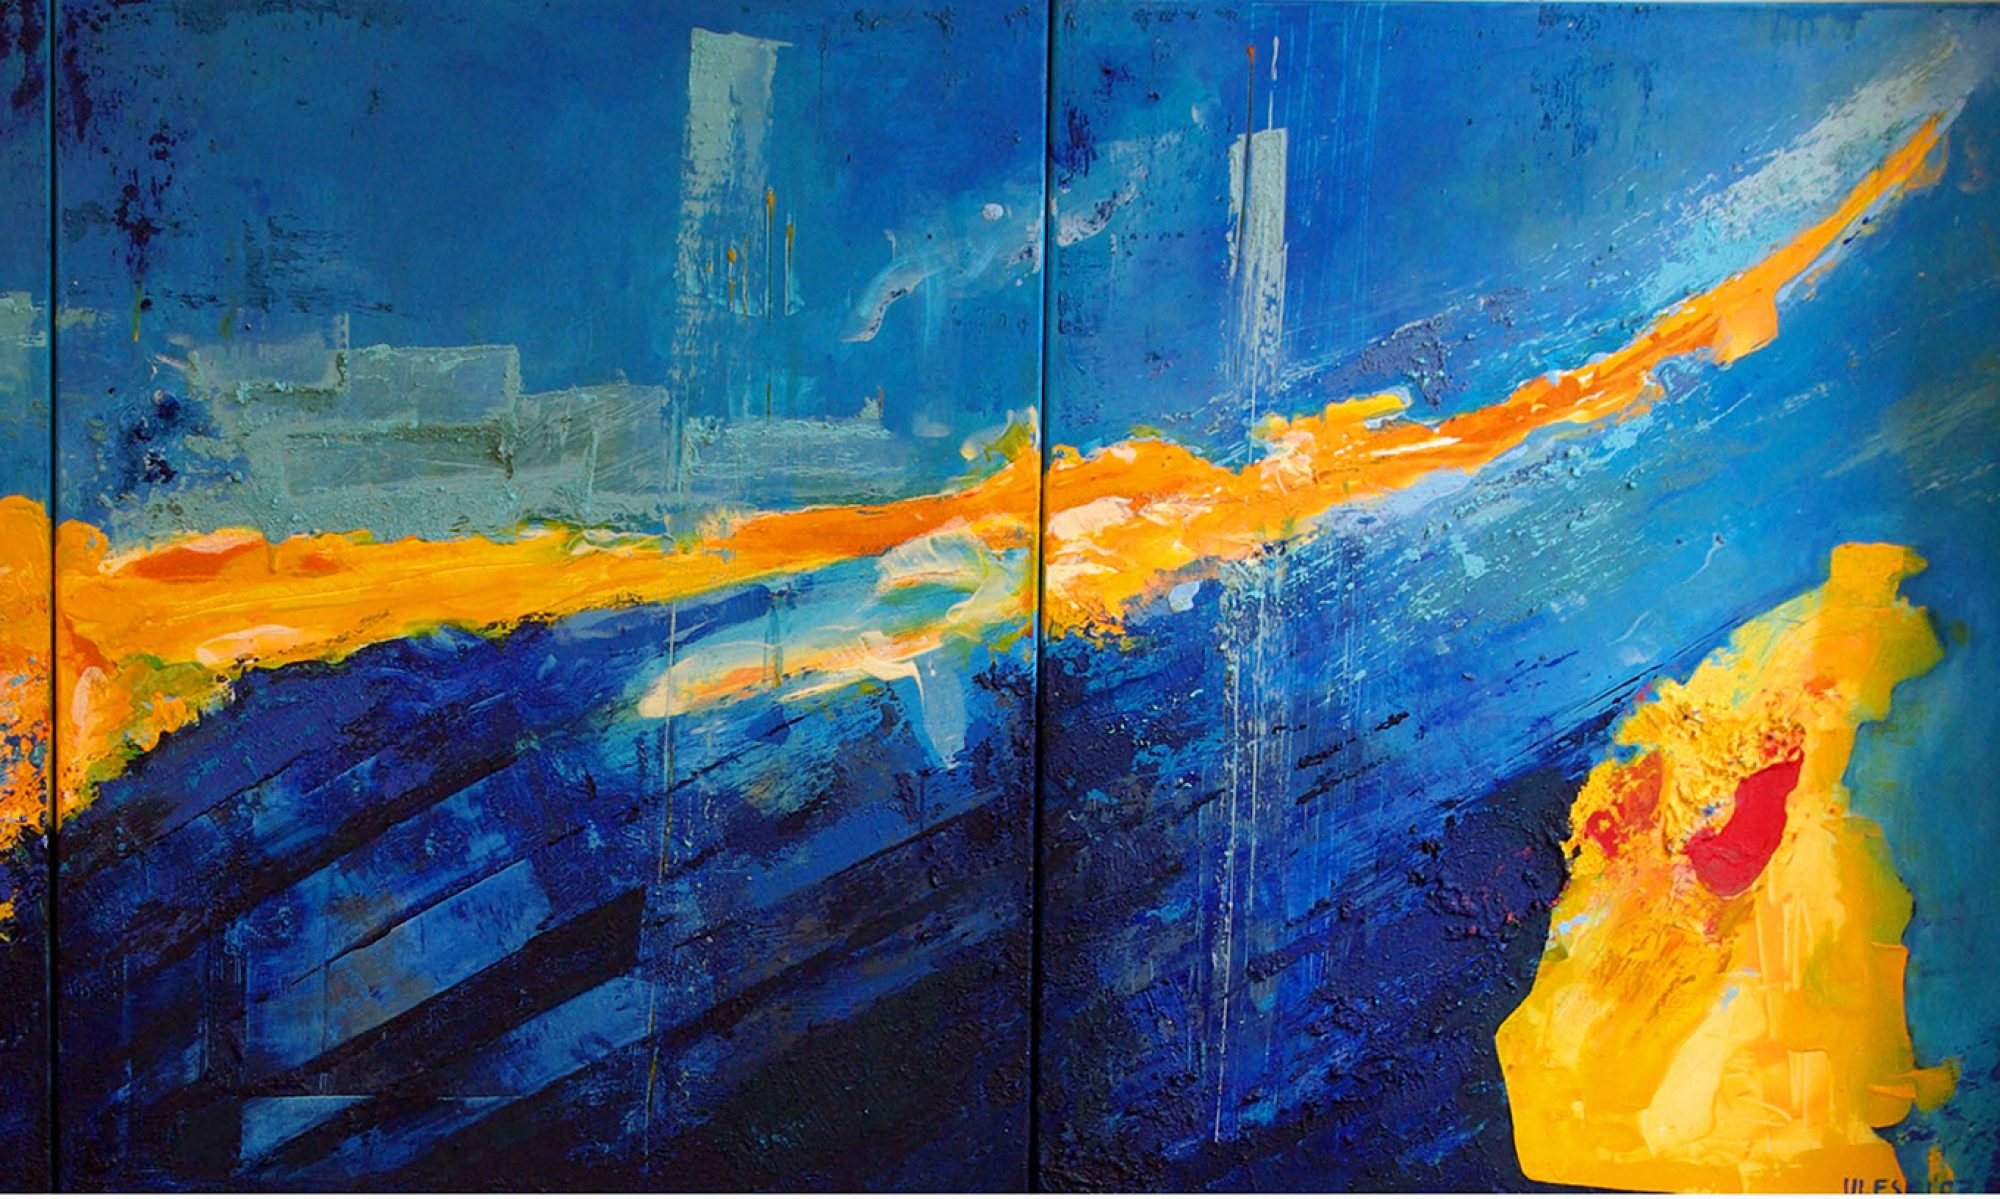 Ursula ULEKI : Peinture contemporaine abstraite dans tous ses états